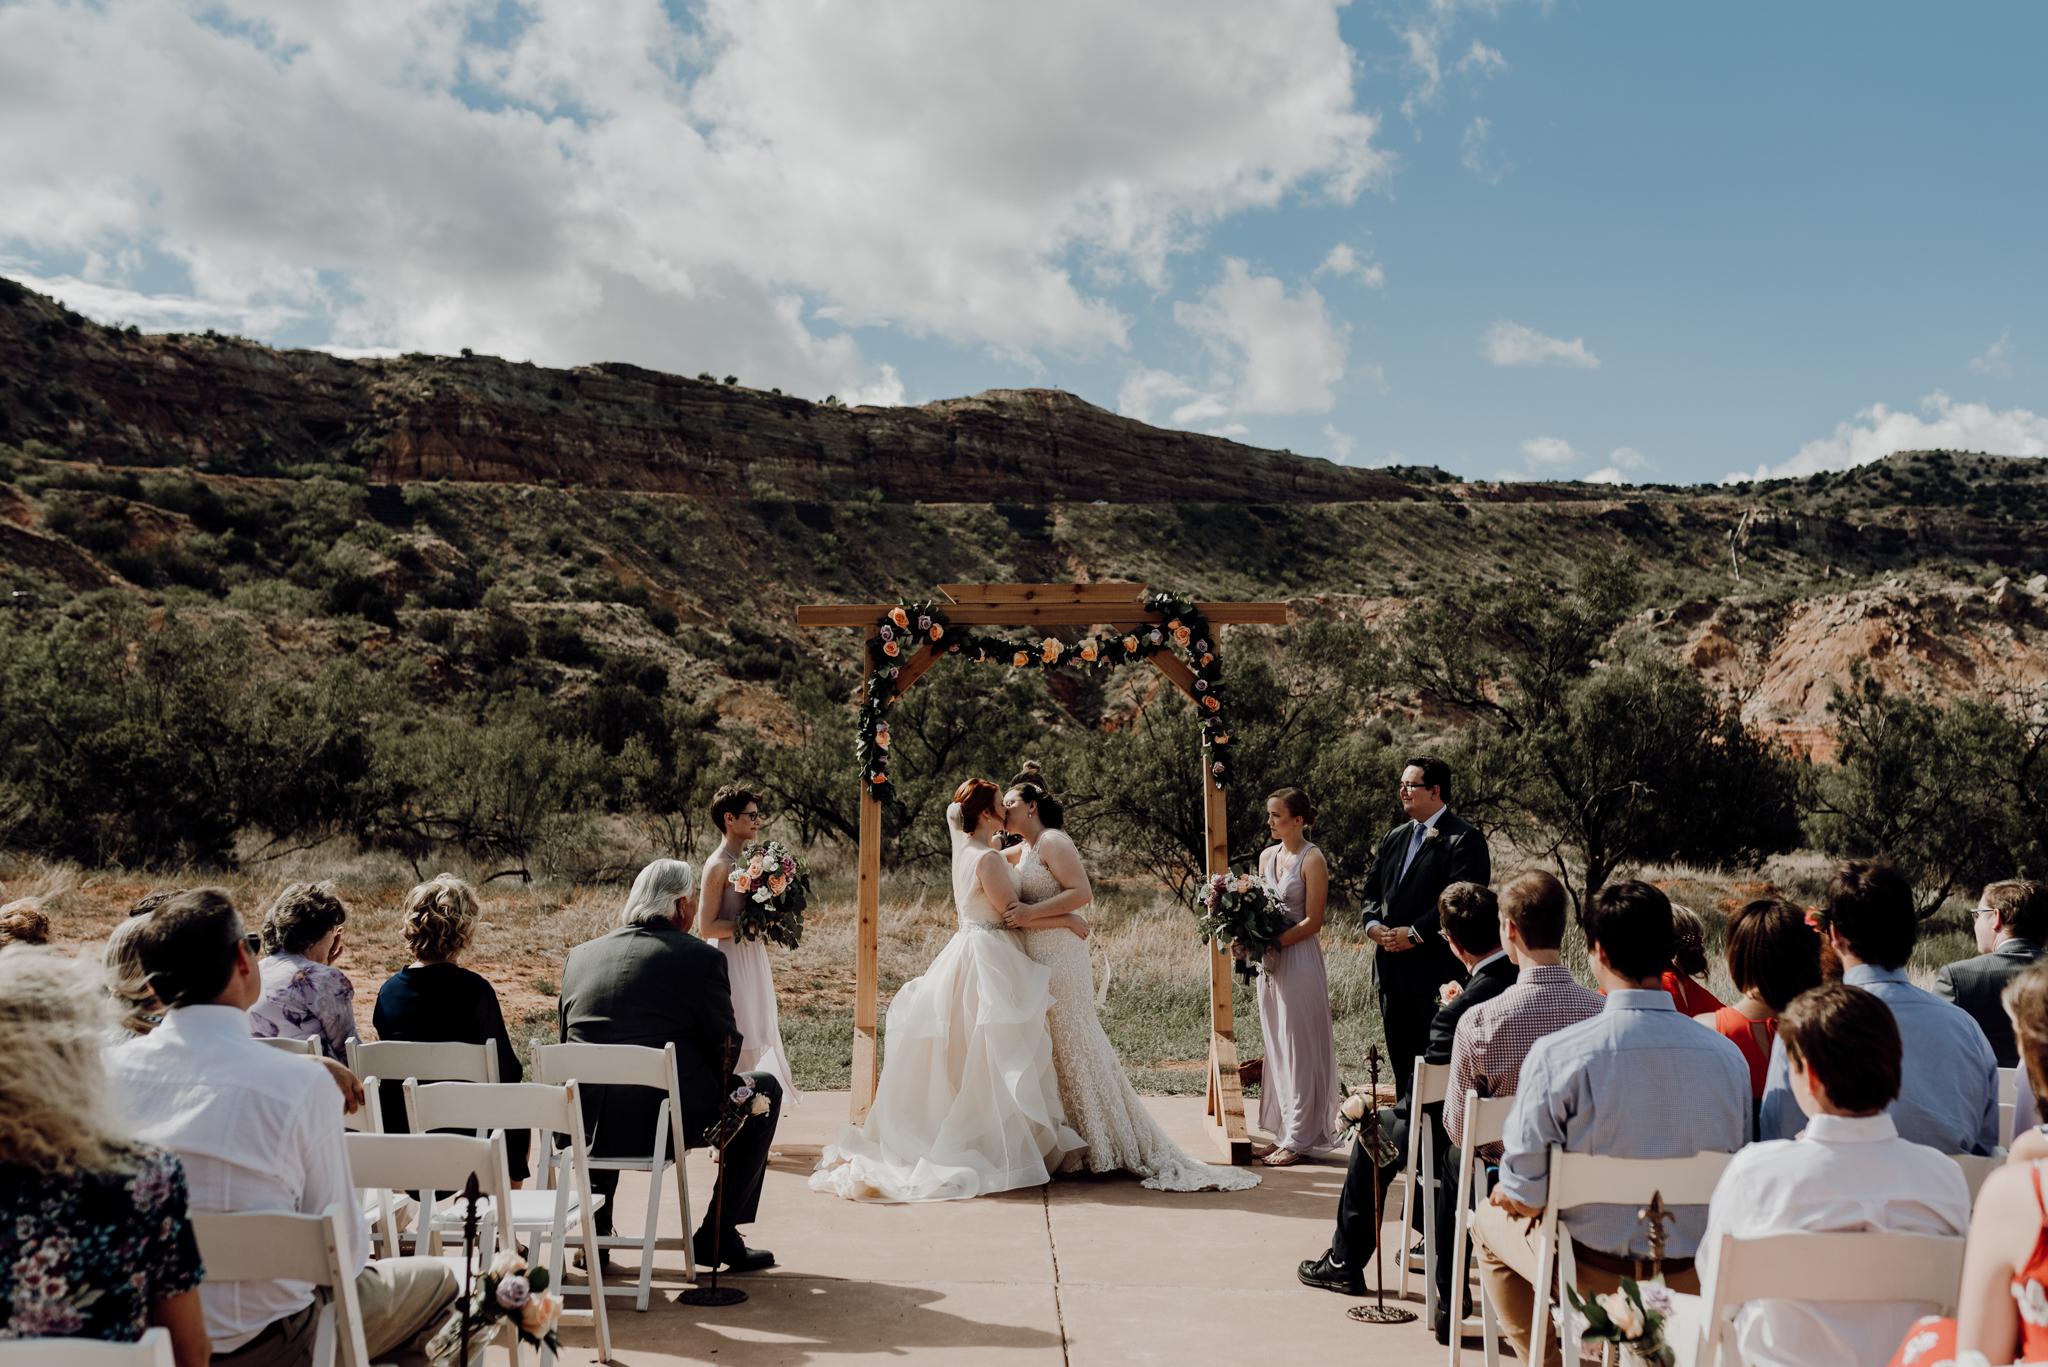 Texas Wedding Photographer-Palo Duro Canyon Sam Sex Wedding- Houston Wedding Photographer -Kristen Giles Photography-29.jpg